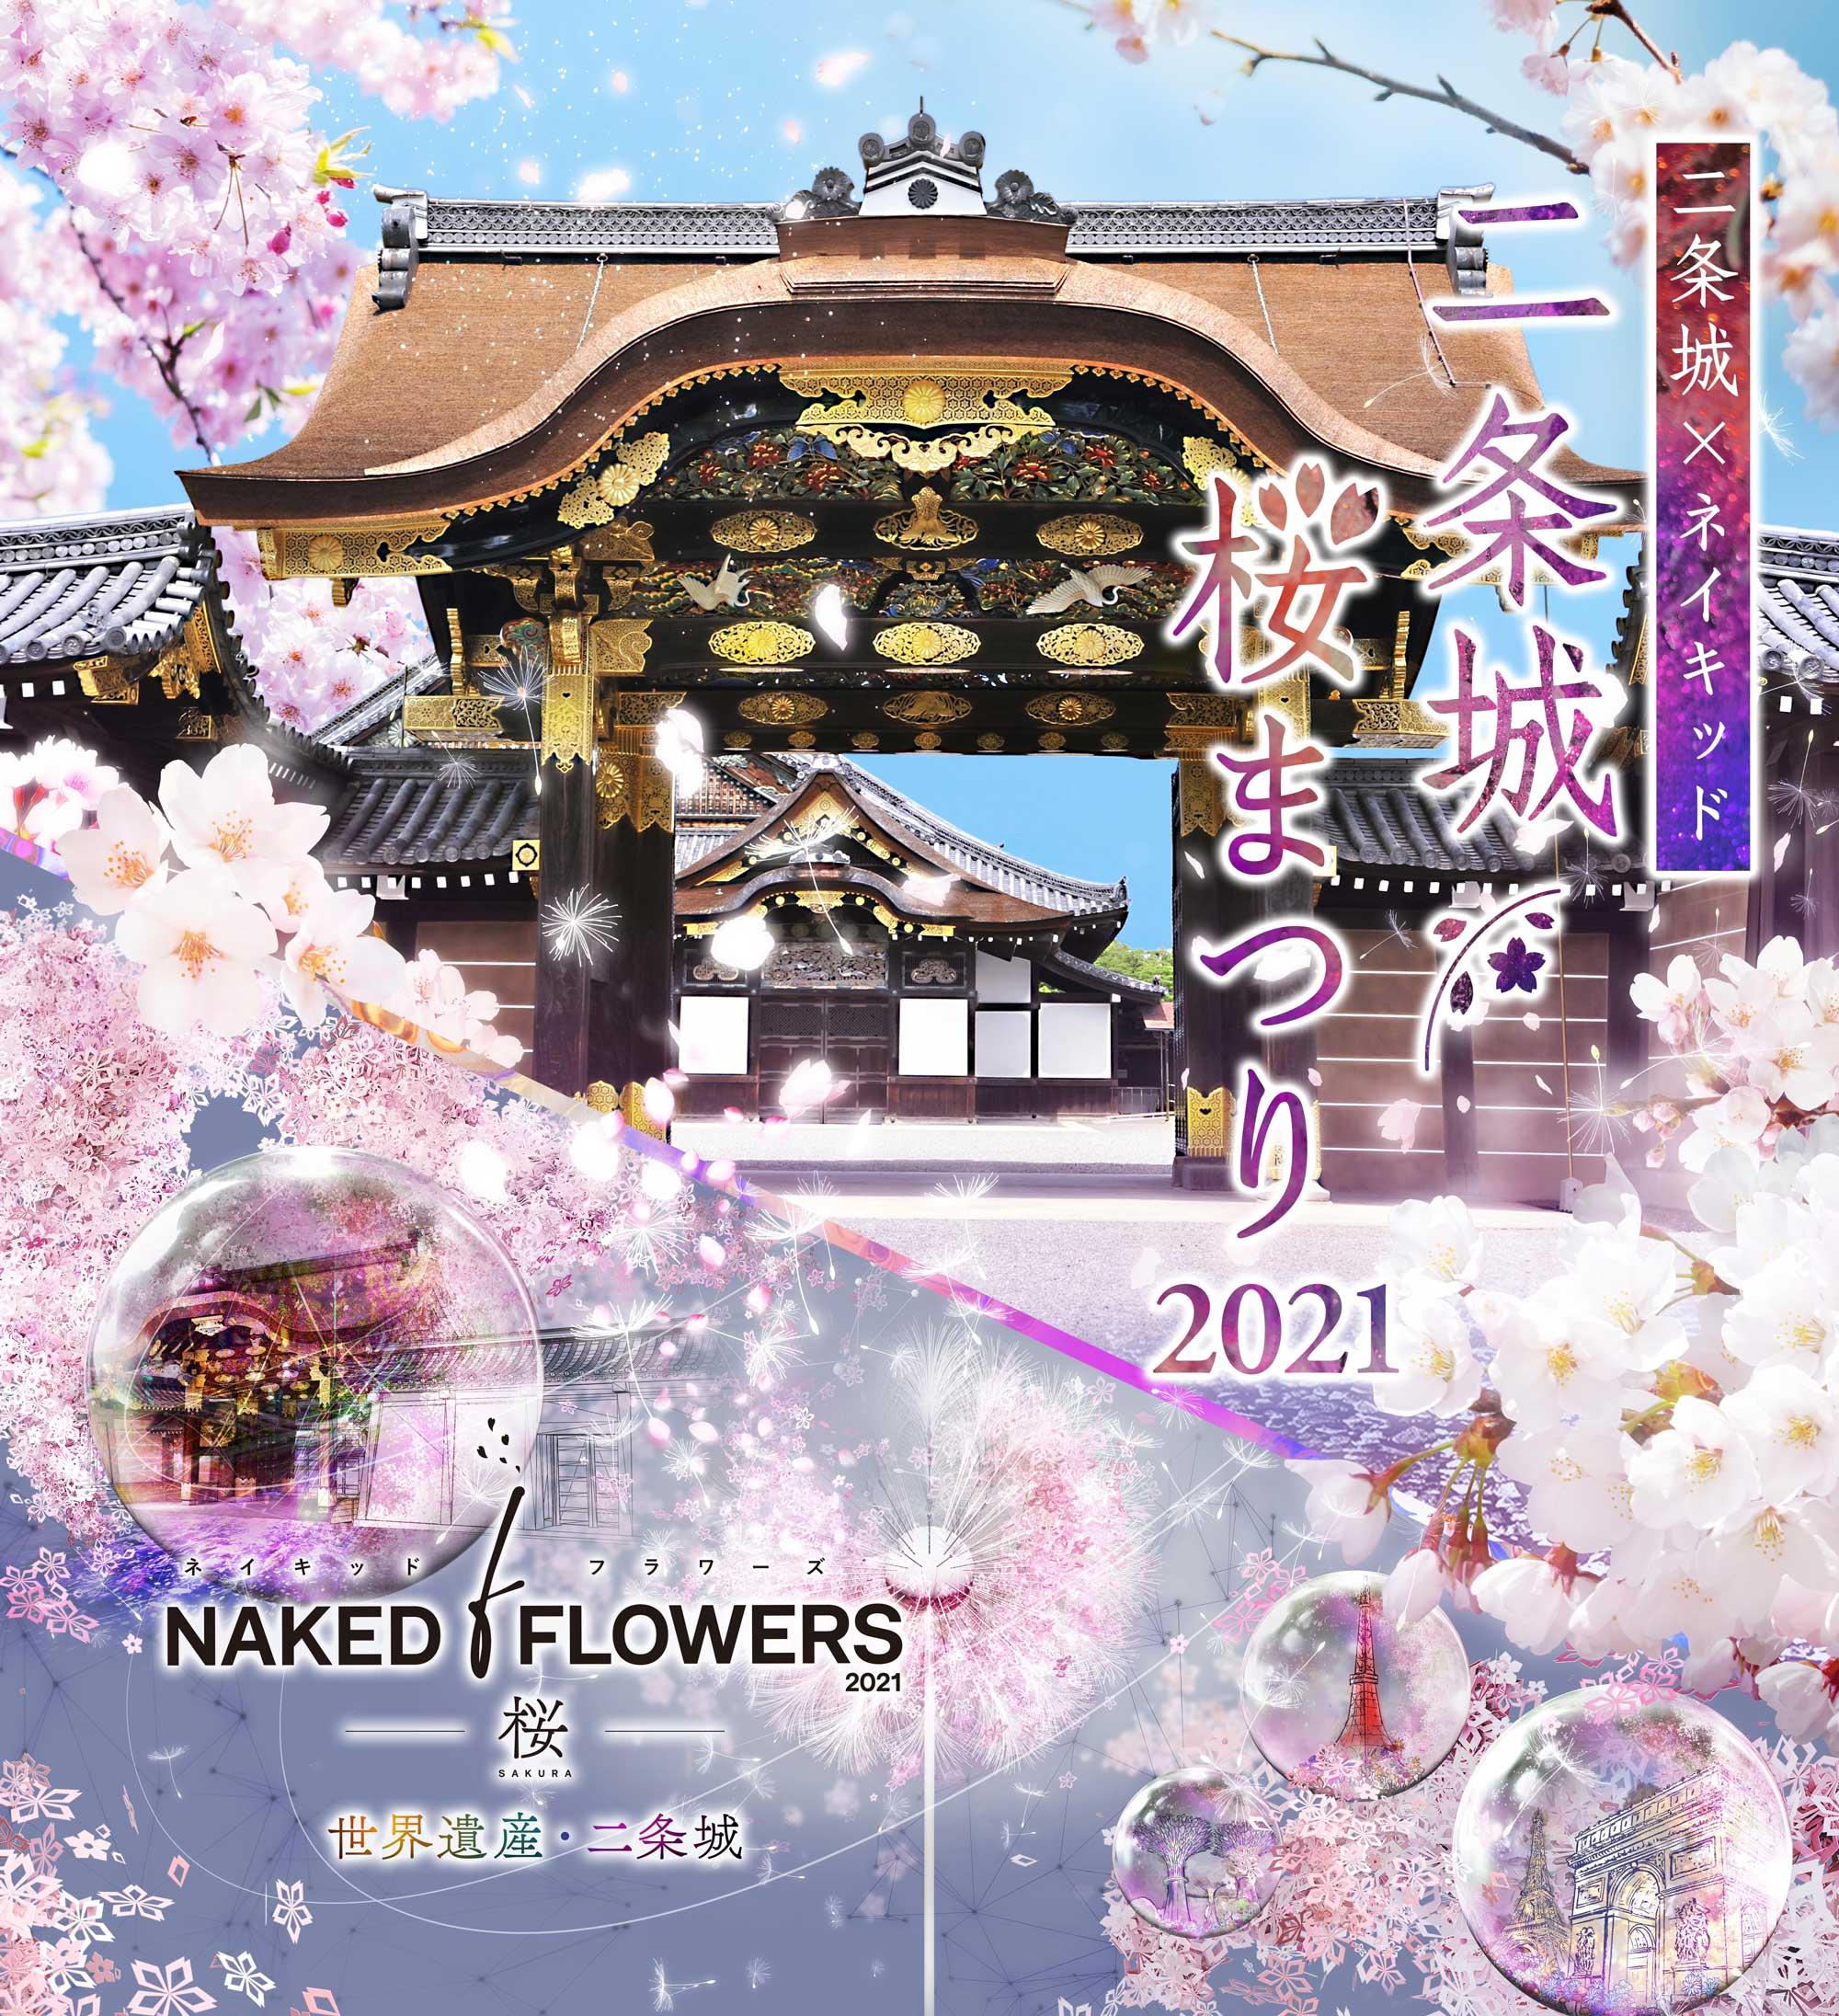 二条城×ネイキッド 二条城桜まつり2021